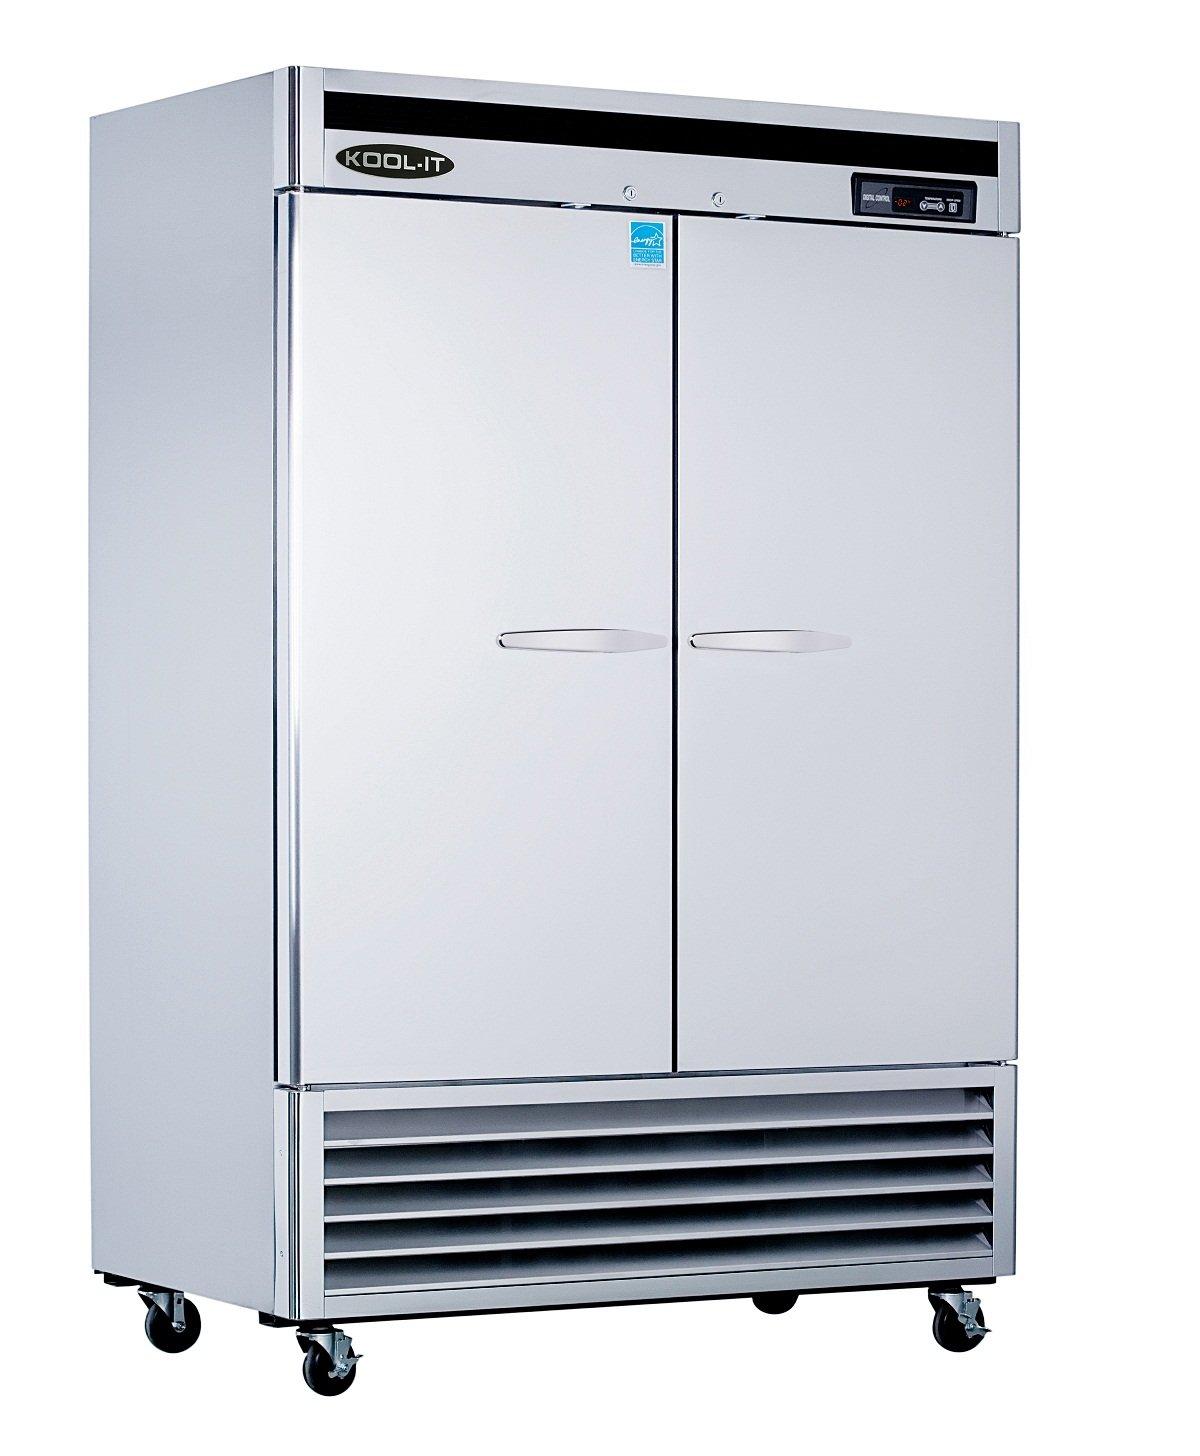 Kool-It KBSF-2 Stainless Steel Double Door Freezer Bottom Mount Compressor, 53-115/128'' Width x 82-89/128'' Height x 31'' Depth